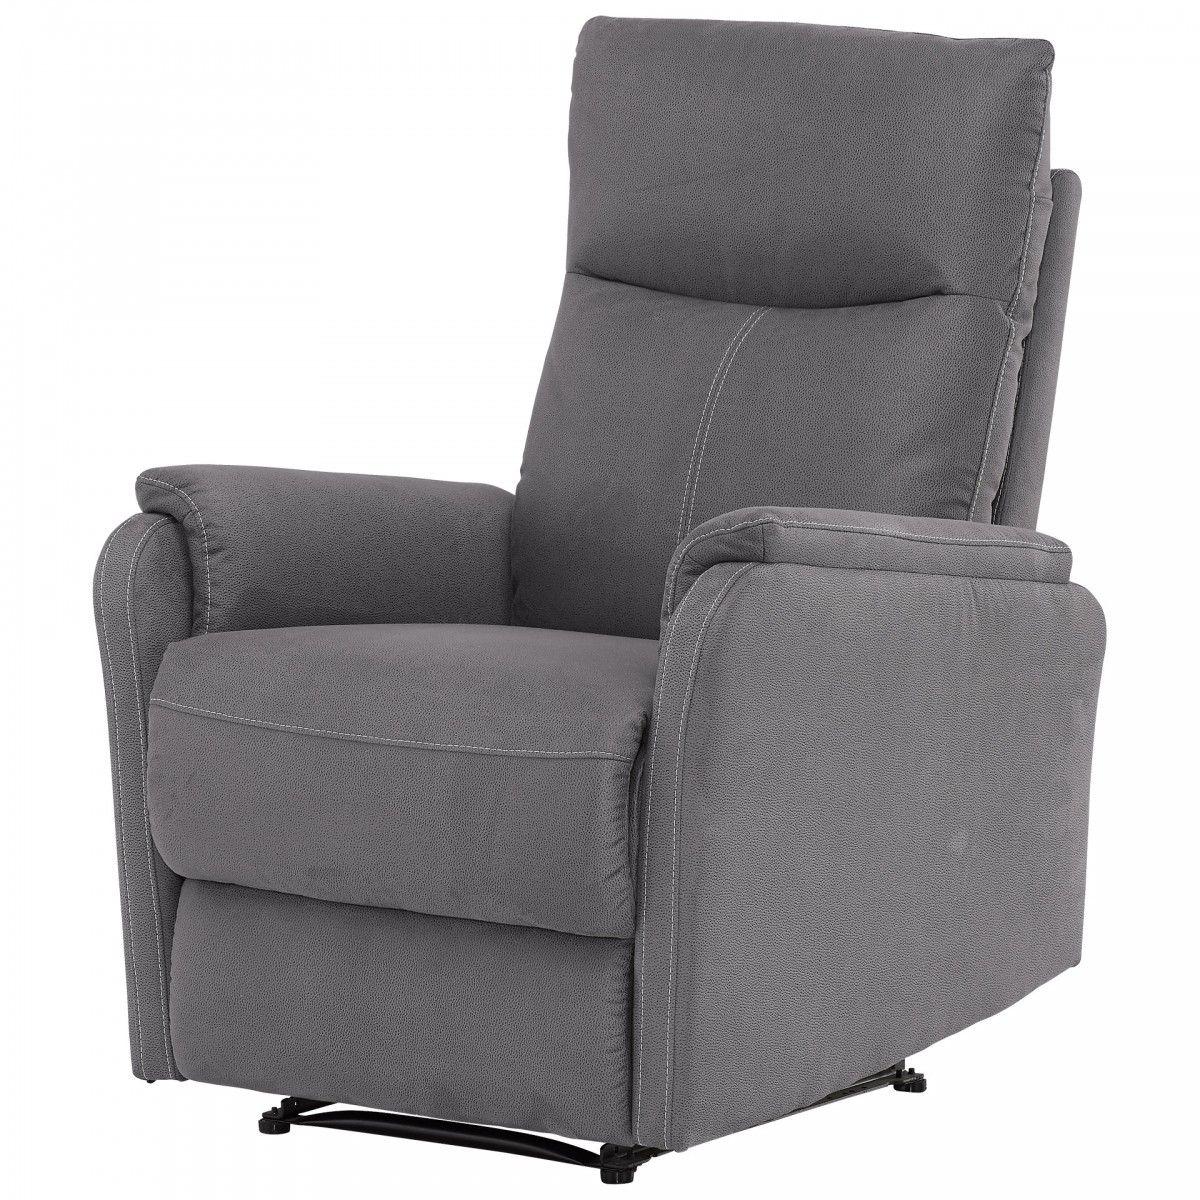 Funktionssessel Marlev Elektrisch Grau Sessel Wohnzimmersessel Wohnzimmer Sessel